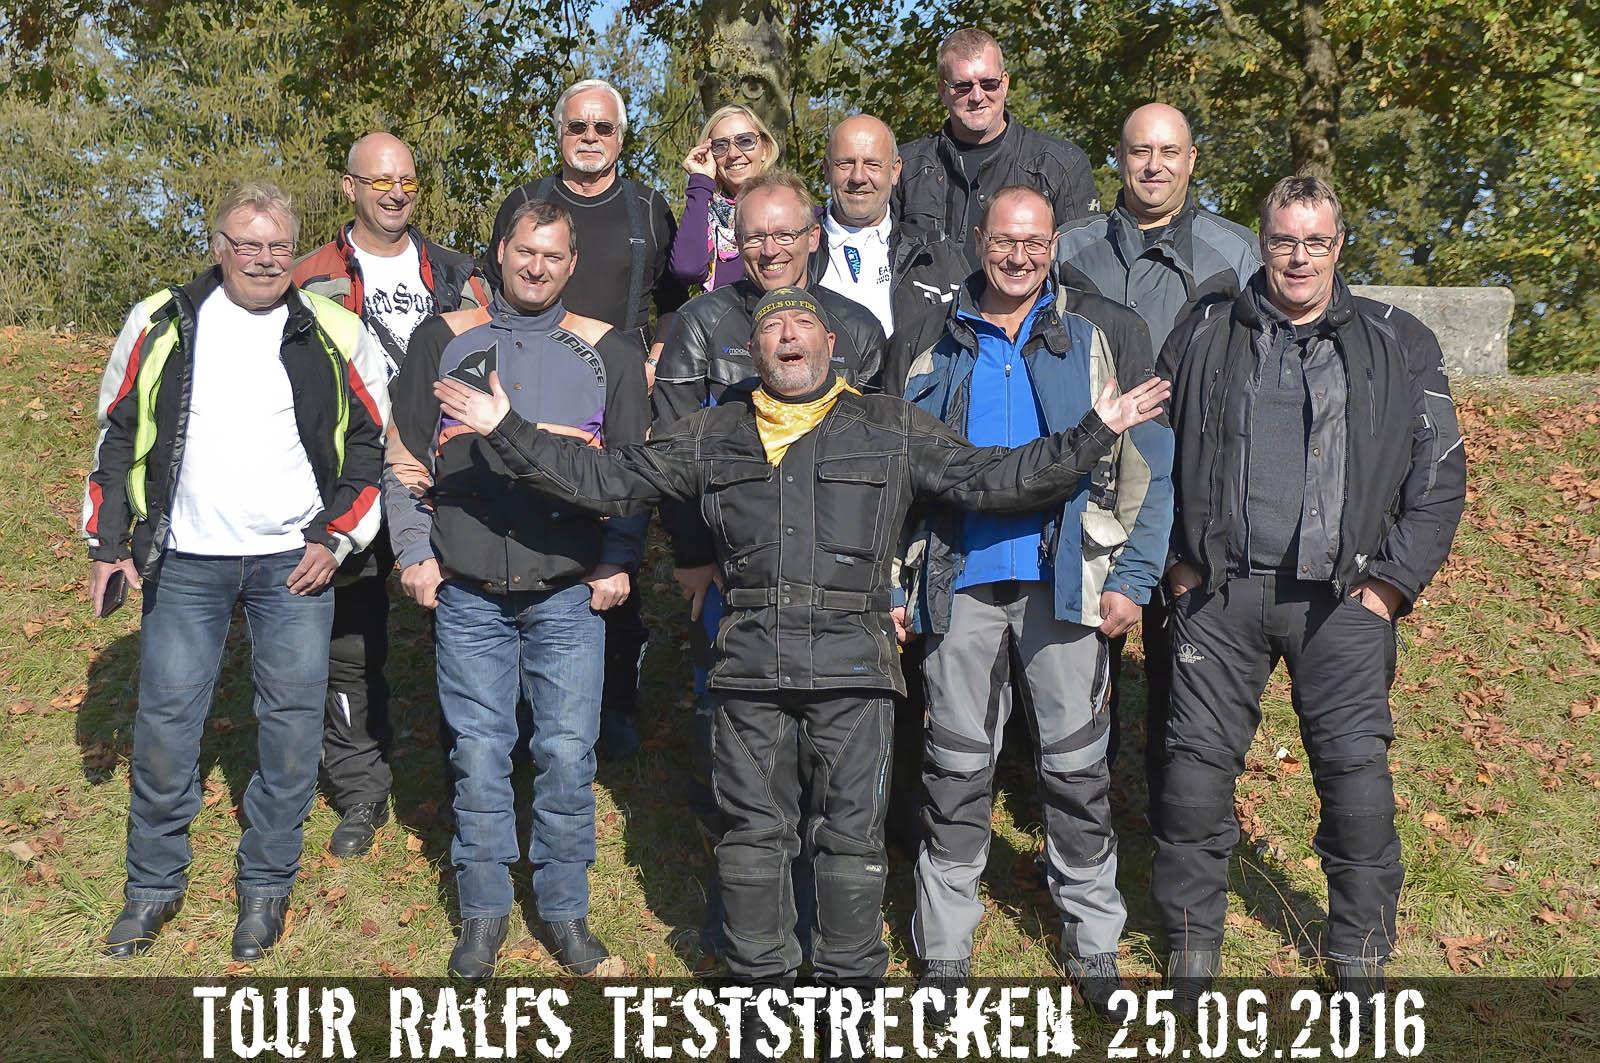 rk-moto: Abschlusstour auf  Ralfs Teststrecken